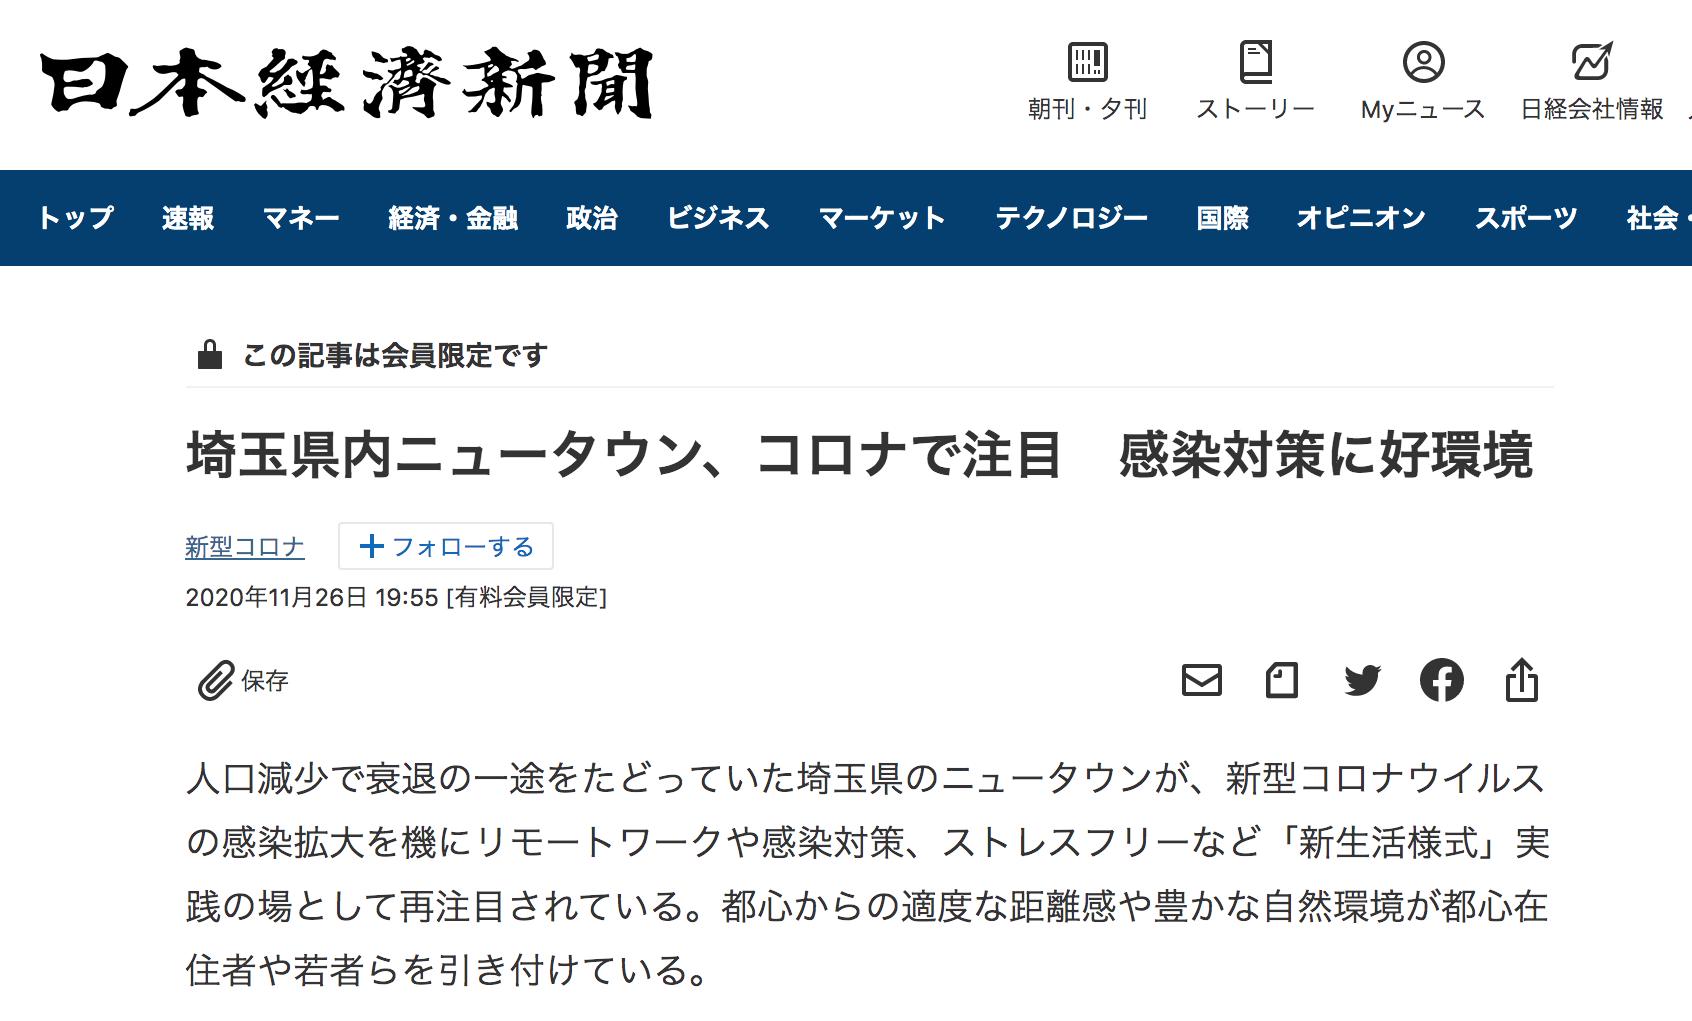 2020.11.27 日経新聞埼玉版に掲載されました